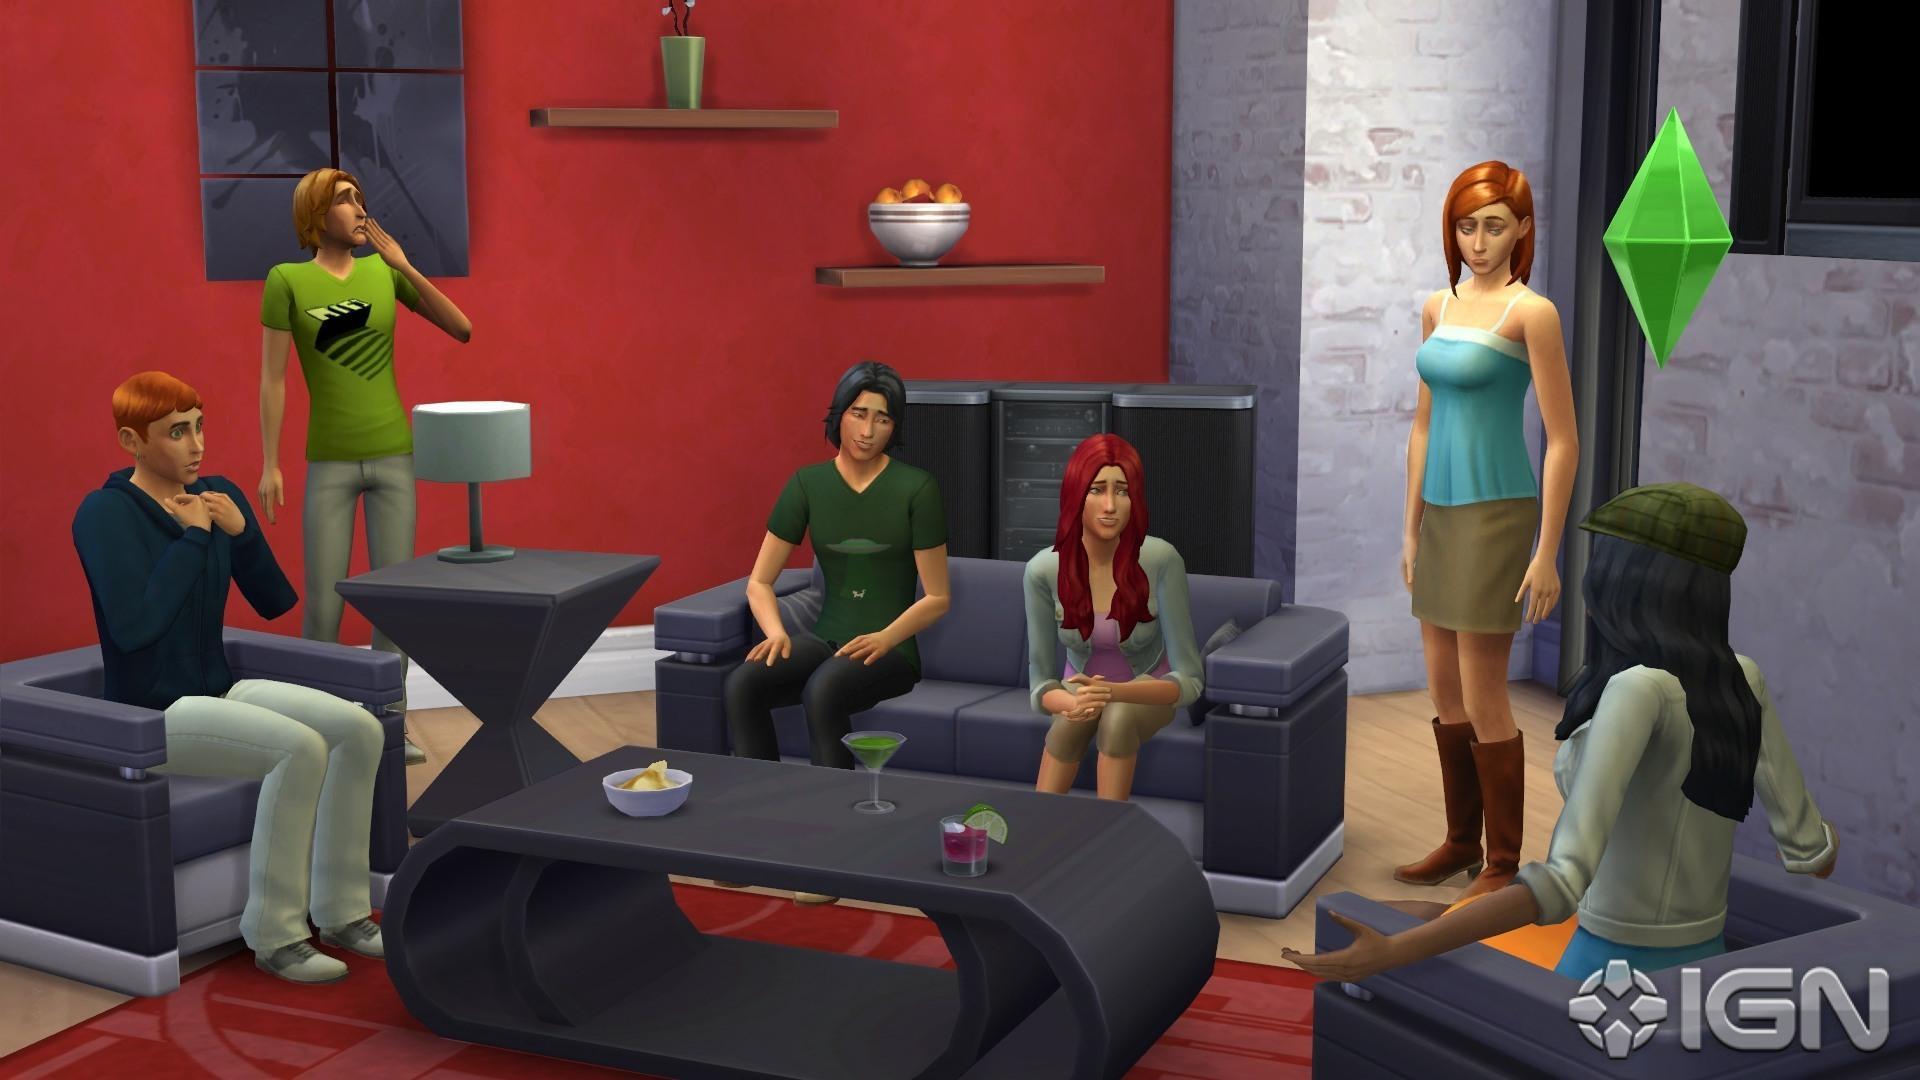 《 模擬市民 4|The Sims 4 》[ 模擬新世代 ] [ 破解版 ] [ 8G ] [ EN/TW ] - BT 電腦PC遊戲區 - 2000FUN論壇